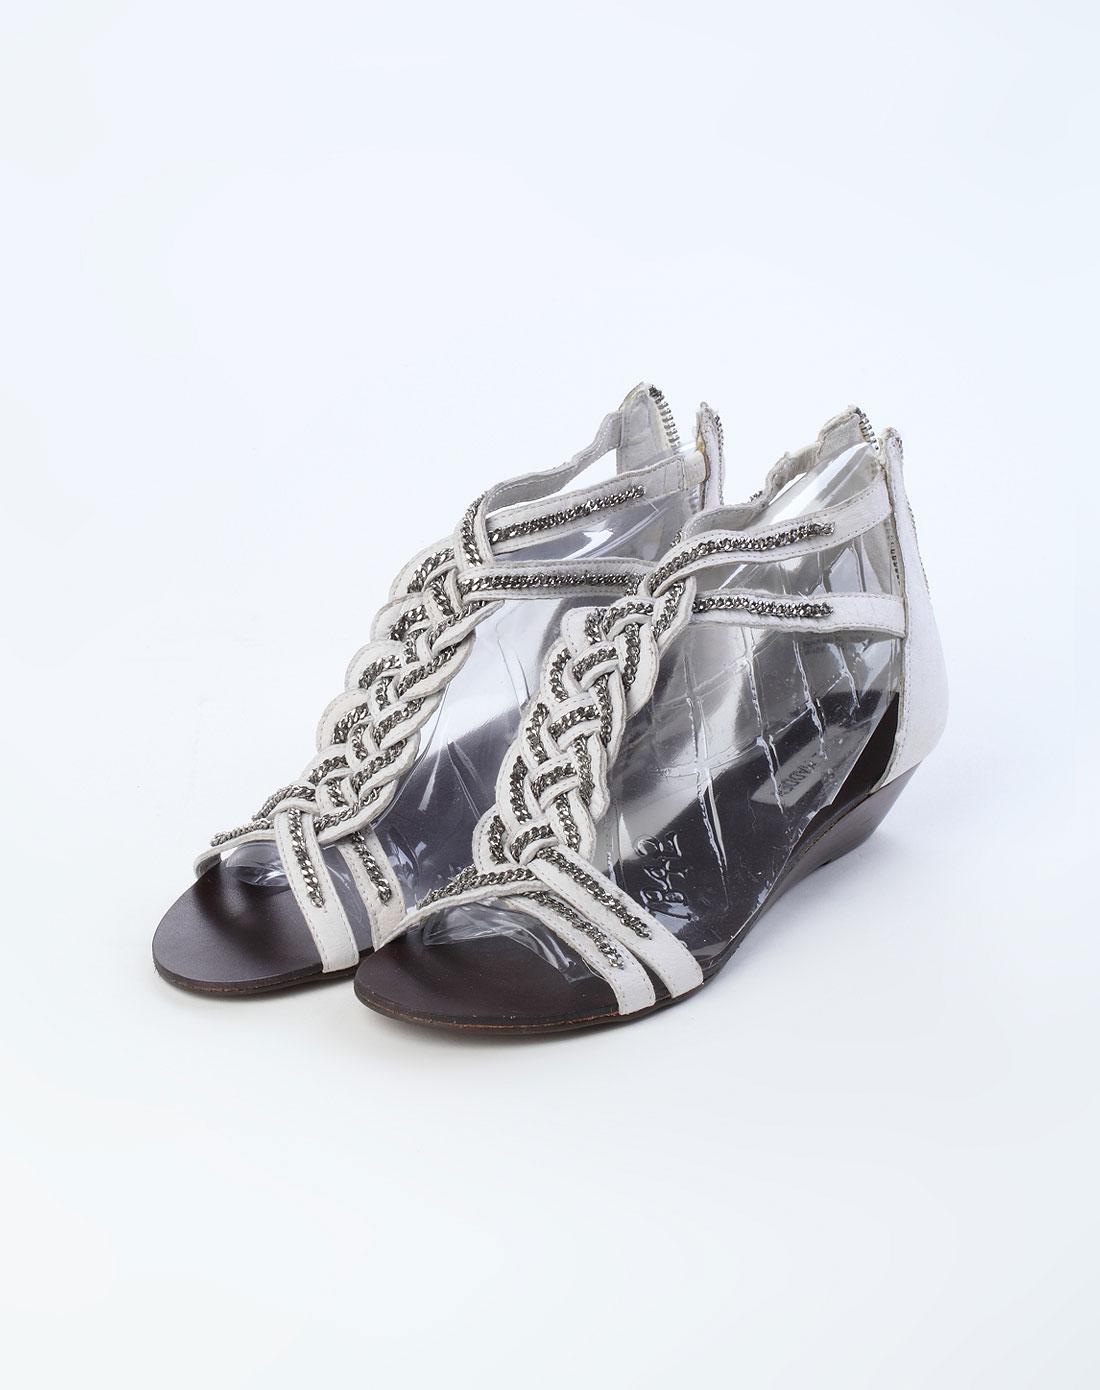 白色链条装饰低跟凉鞋